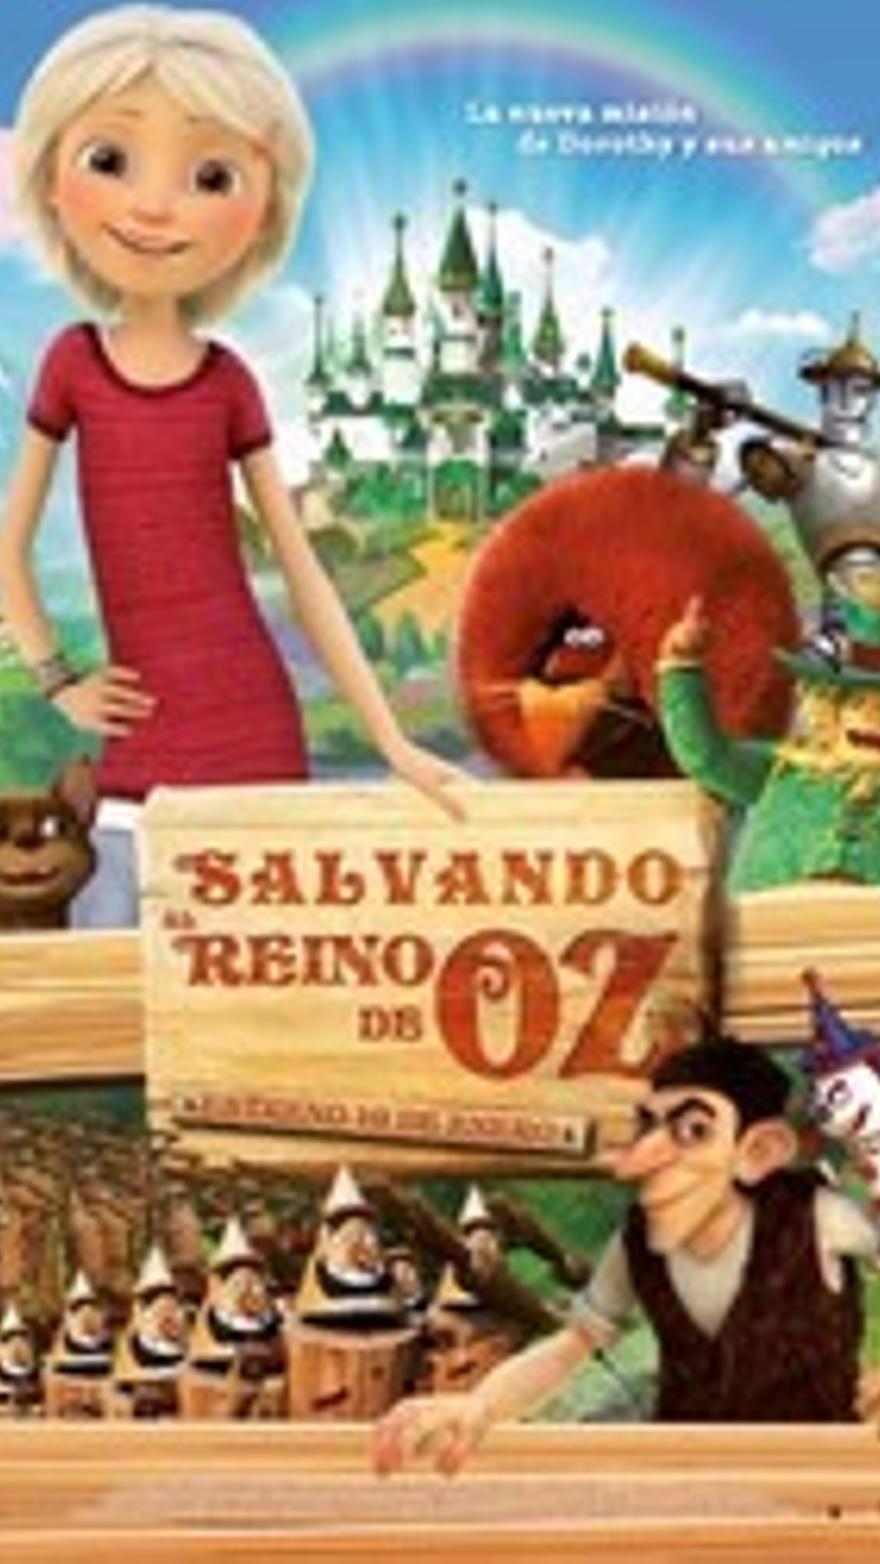 Salvando al Reino de Oz